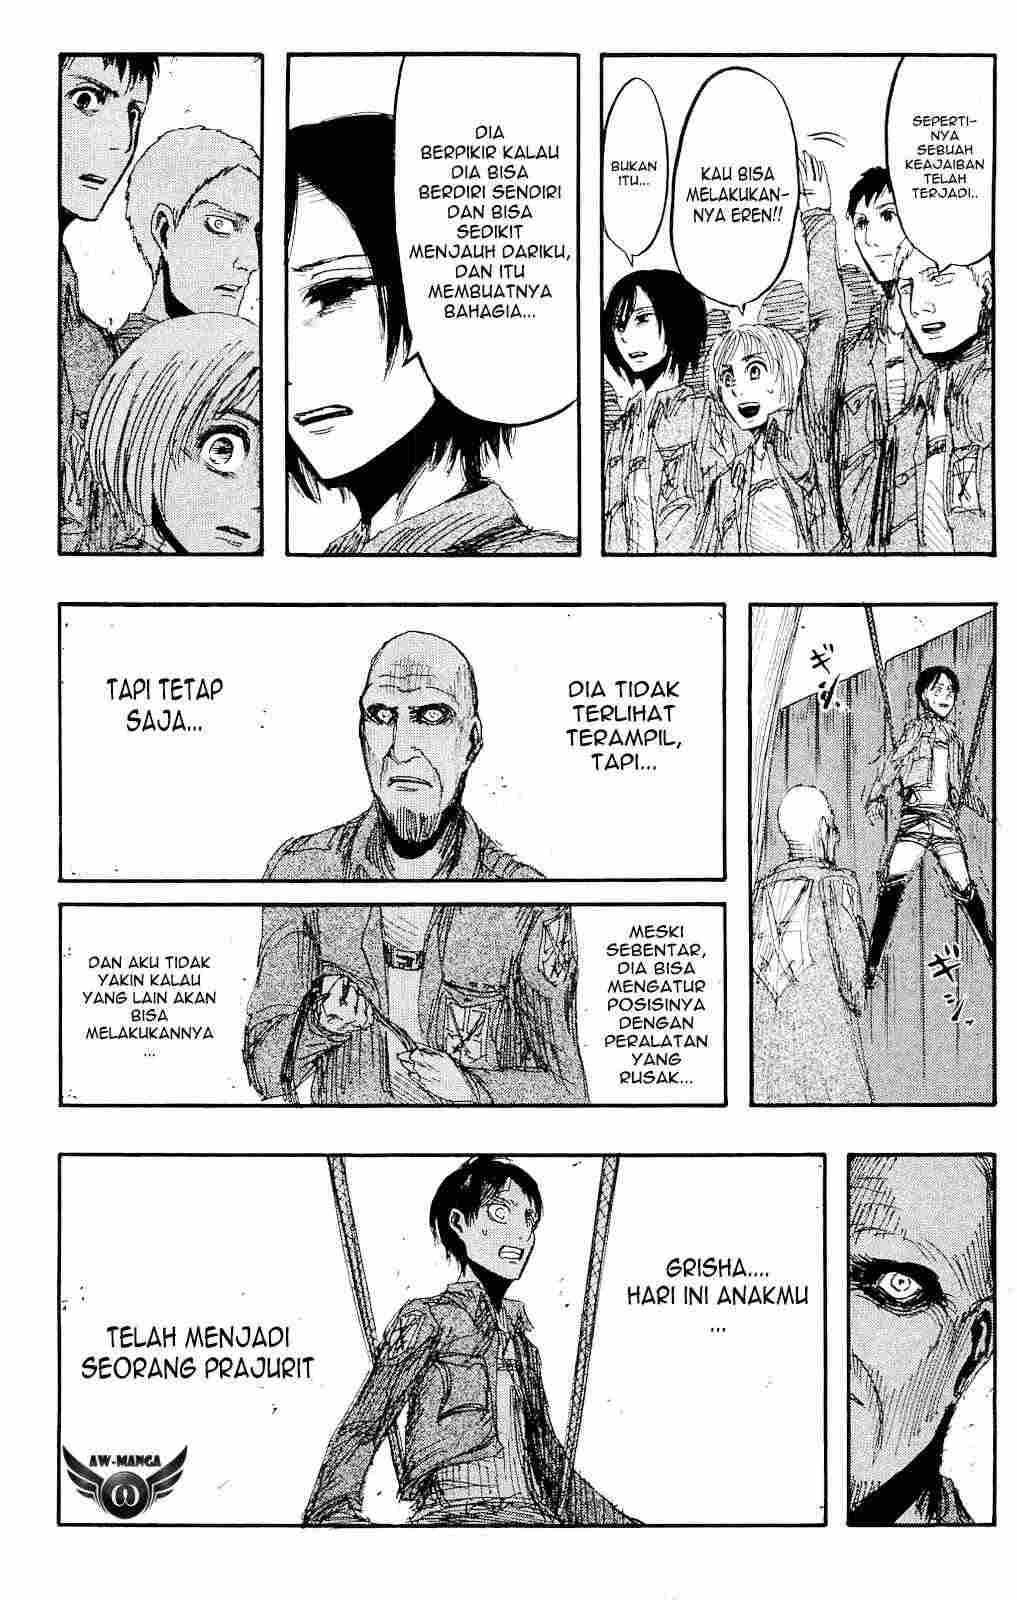 Komik shingeki no kyojin 016 - kebutuhan 17 Indonesia shingeki no kyojin 016 - kebutuhan Terbaru 33|Baca Manga Komik Indonesia|